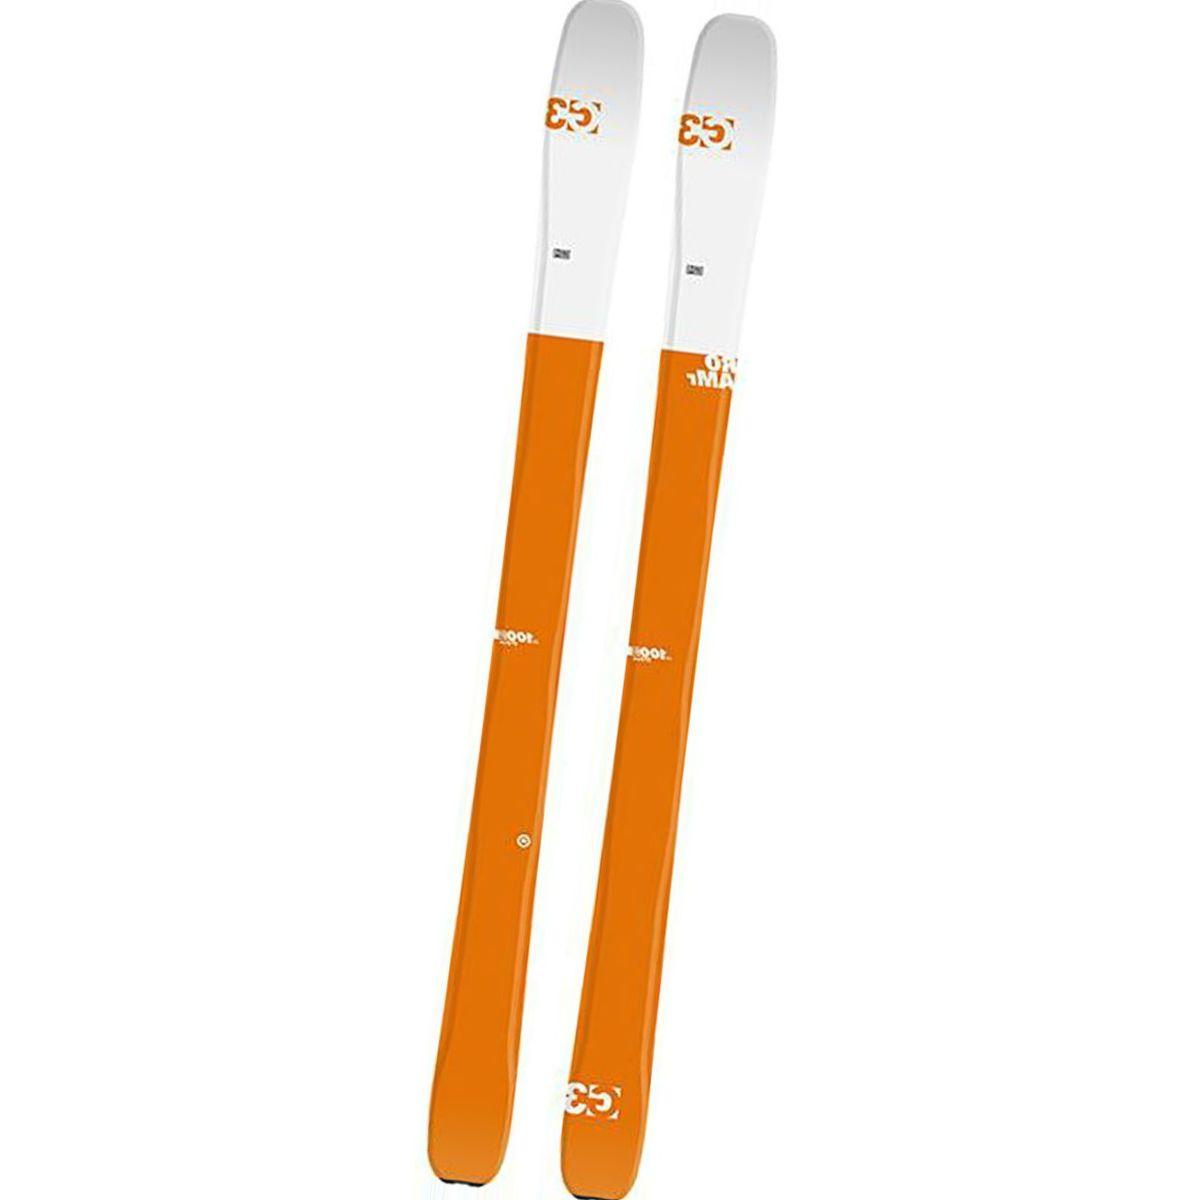 G3 Roamr 100 Elle Ski - Women's